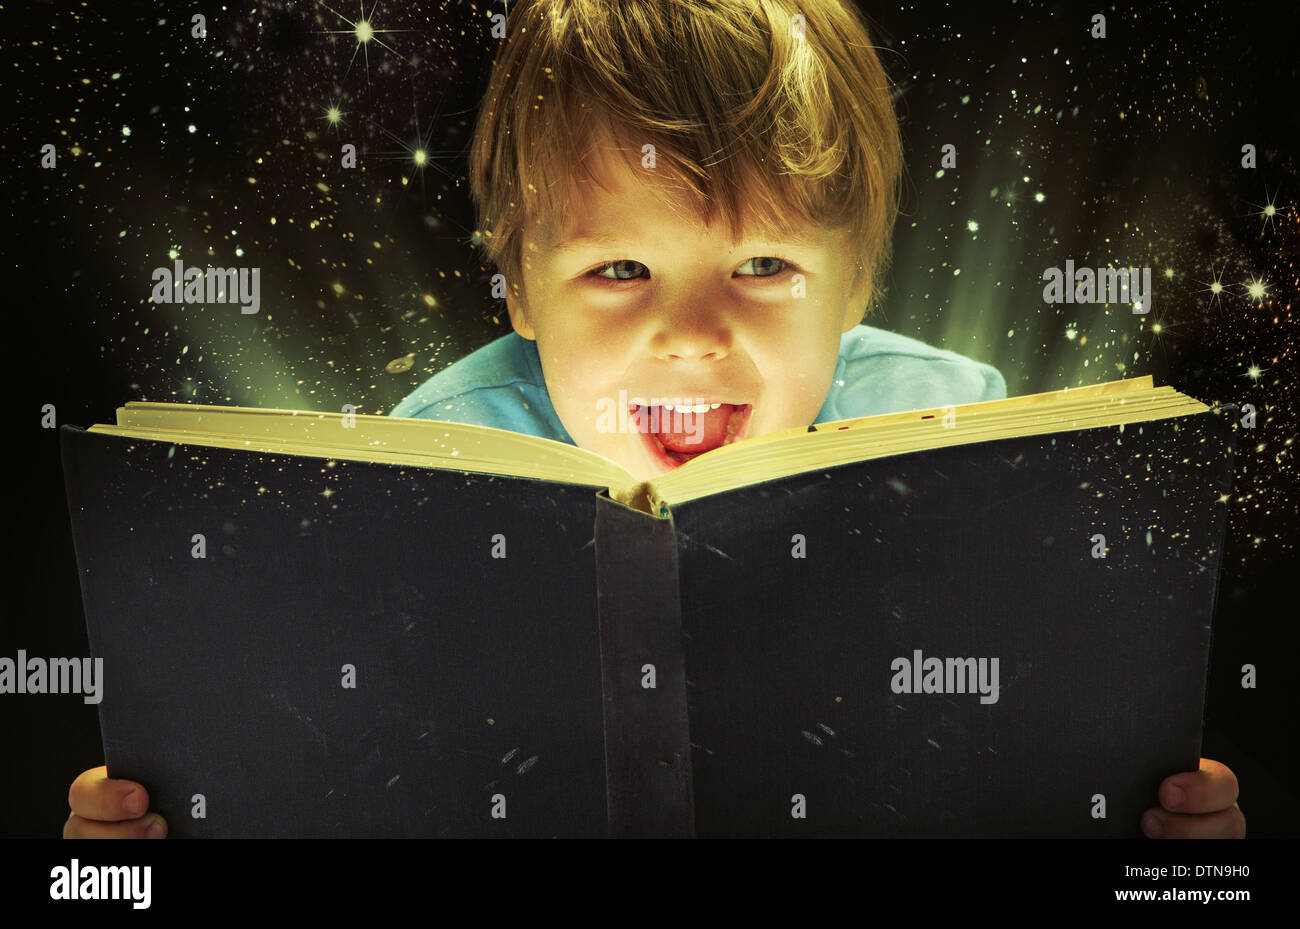 Petit garçon portant un vieux livre de magie Photo Stock